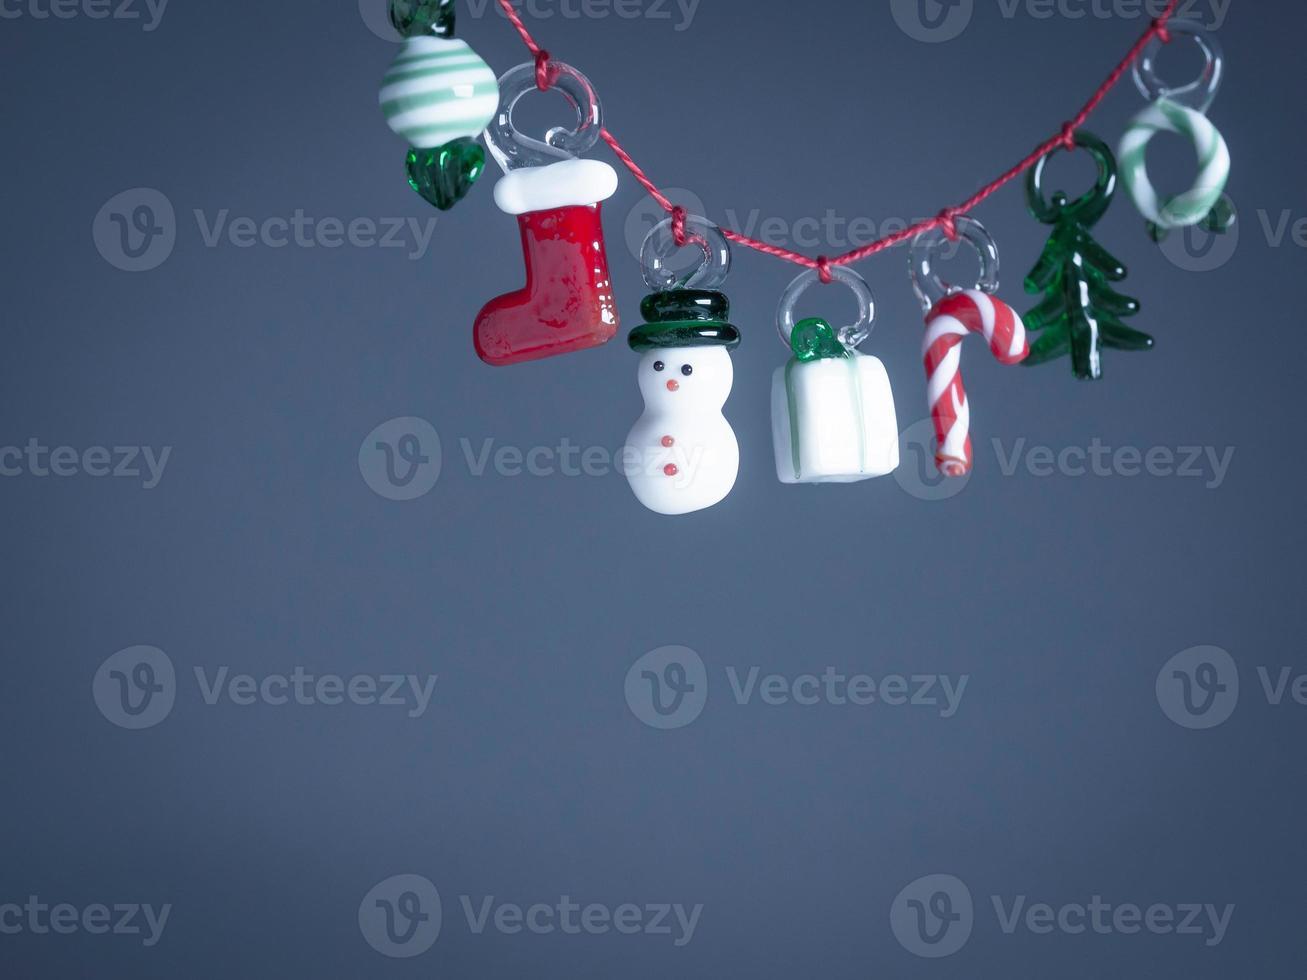 decoraciones navideñas de vidrio, espacio de copia foto